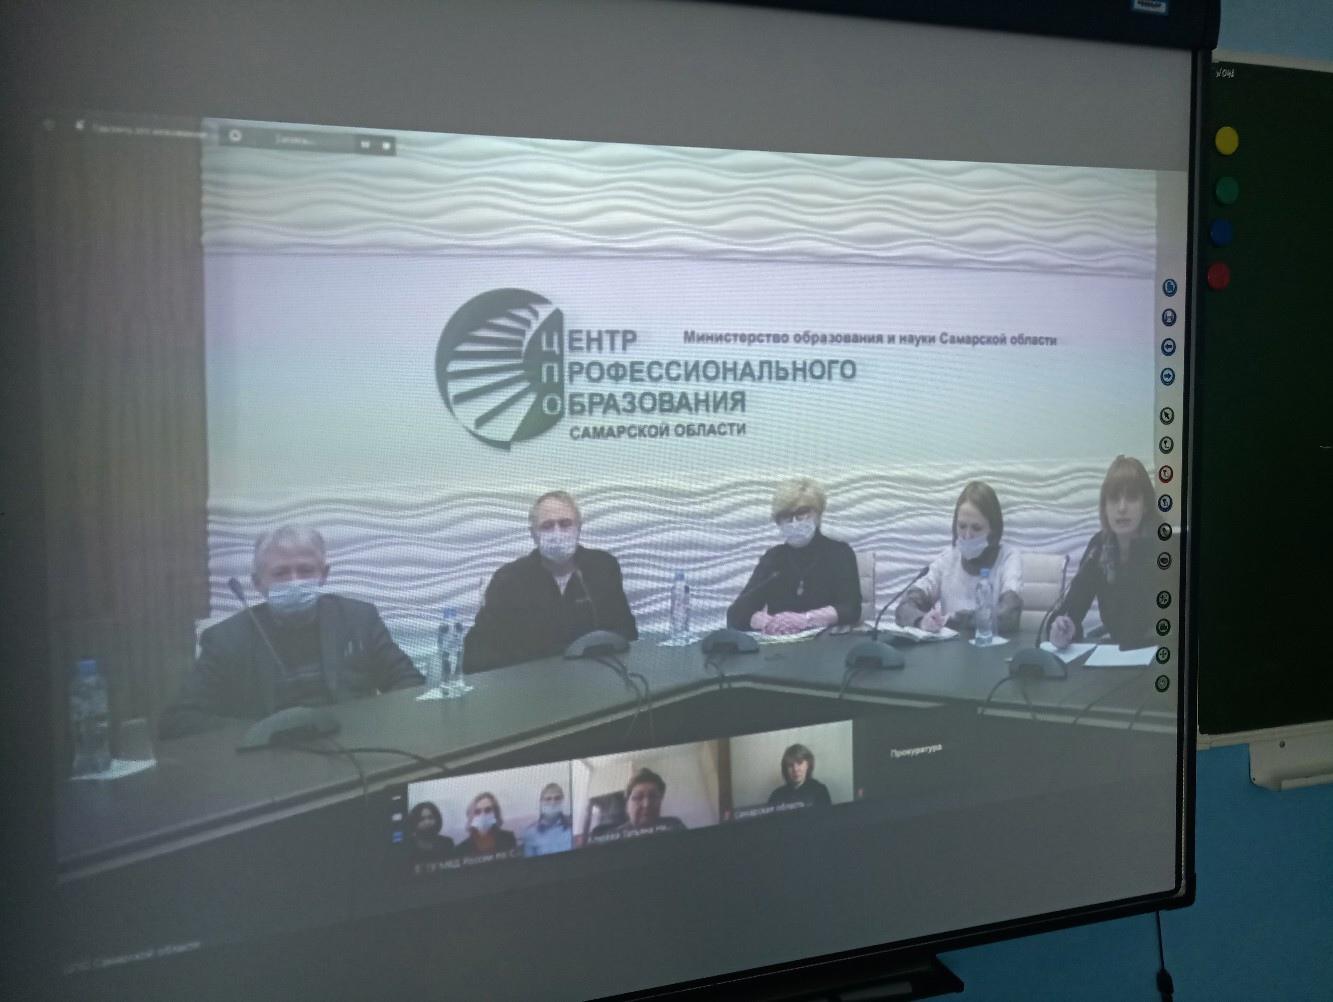 Видеоконференция на экране